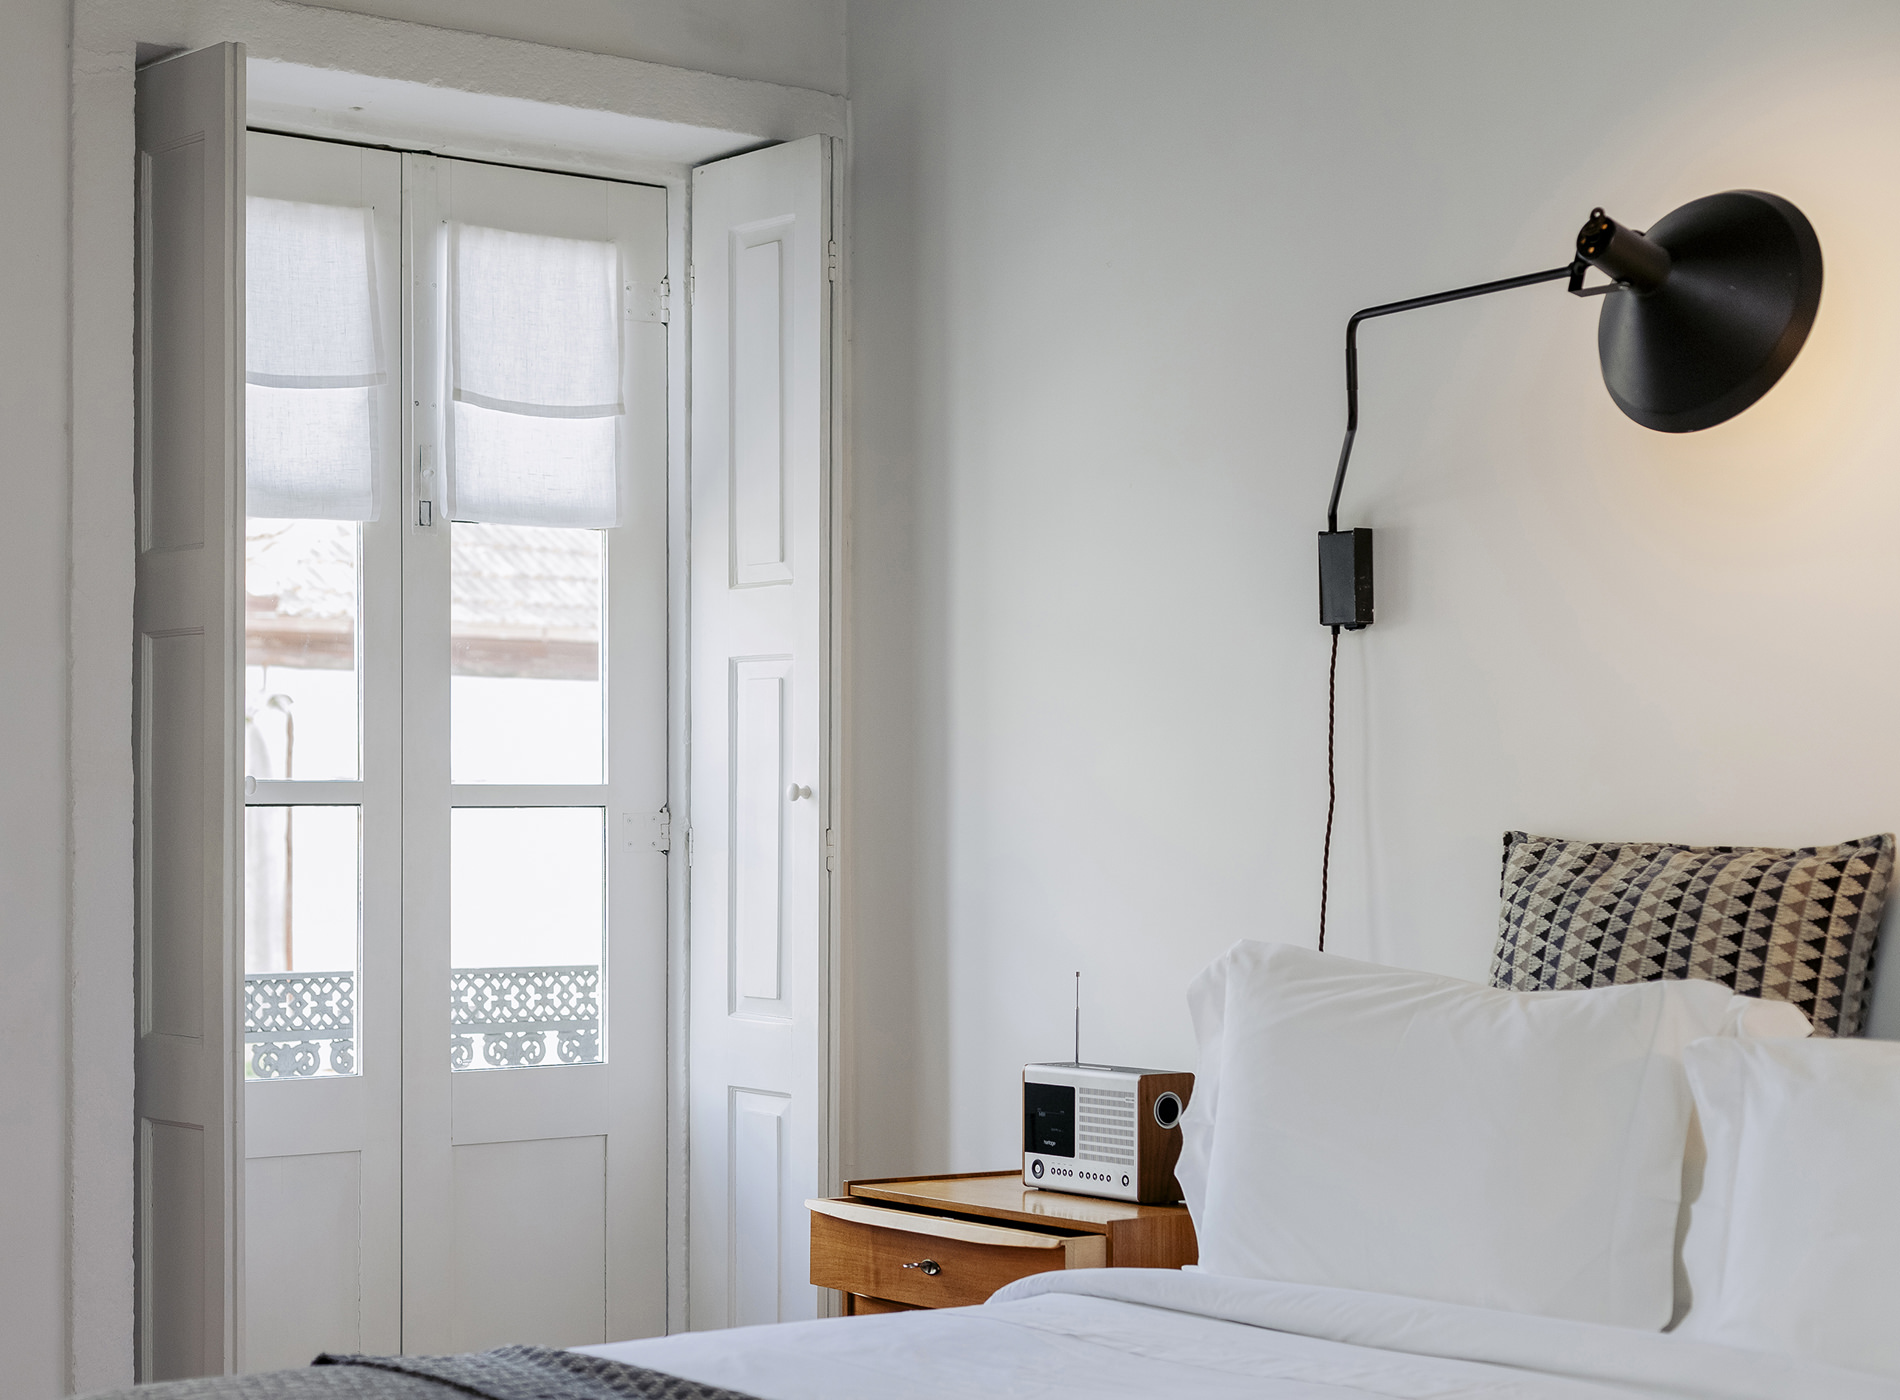 City Guide Porto Rosa et Al Townhouse Guest House Hotel Portugal